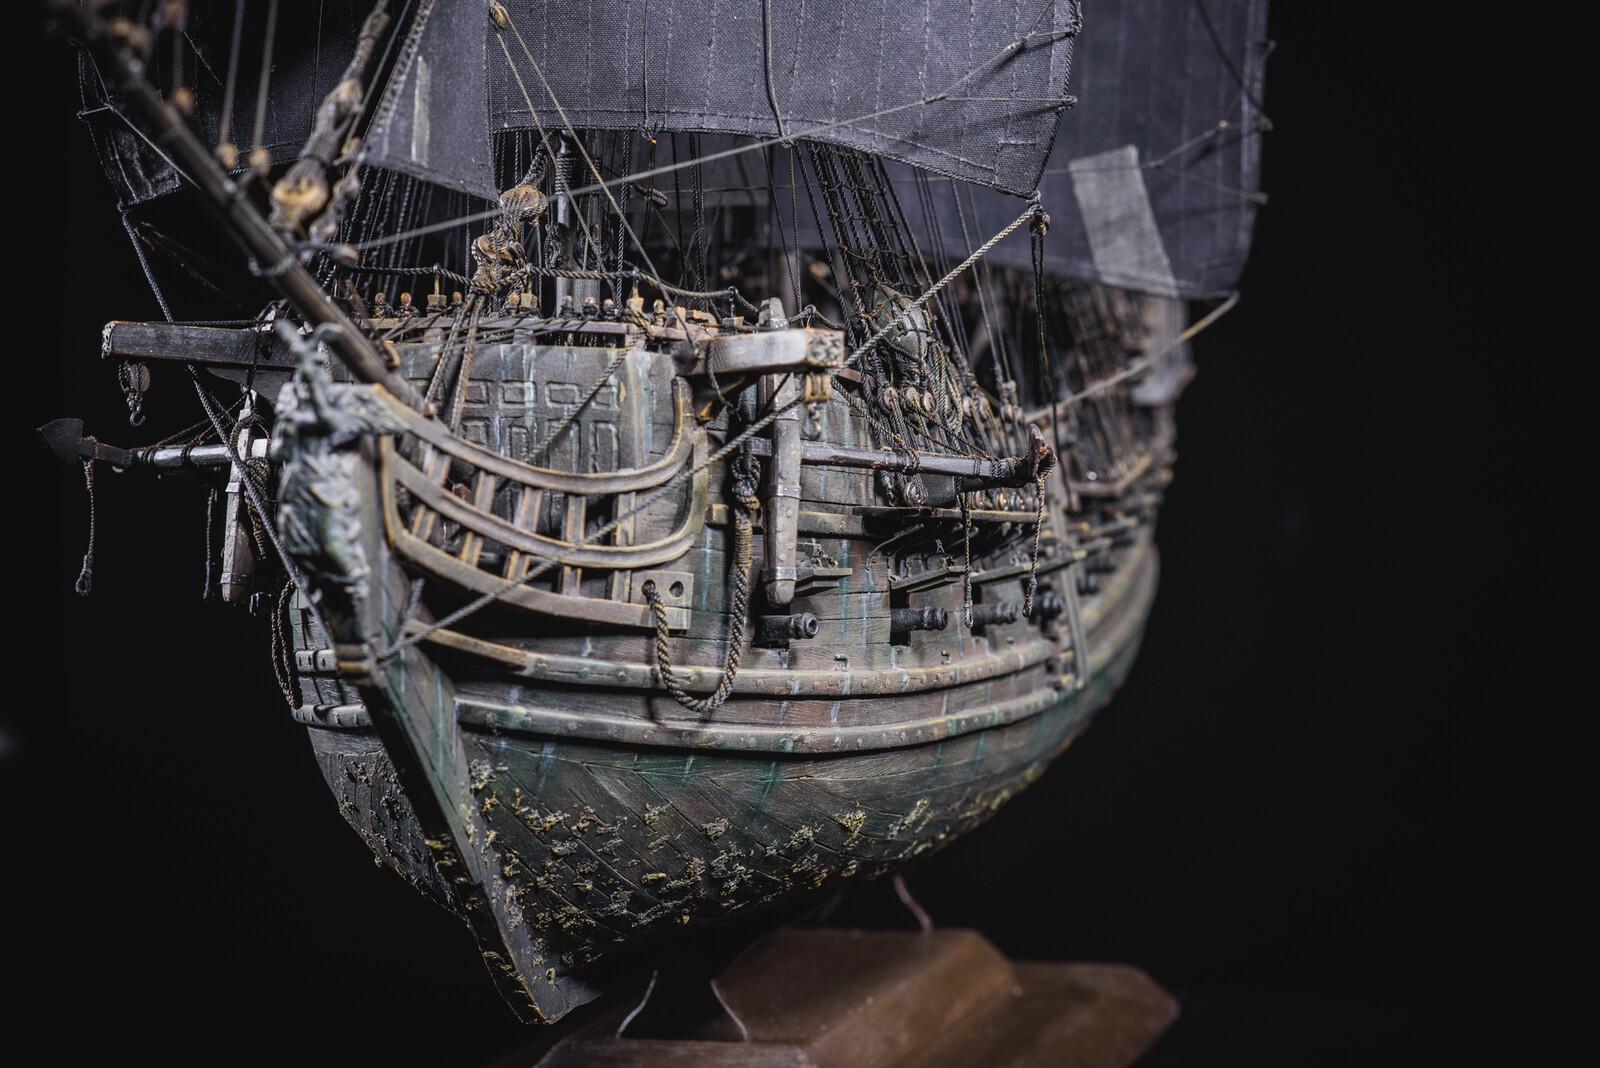 пороге нового макеты пиратских кораблей фото вся сборная керлингу